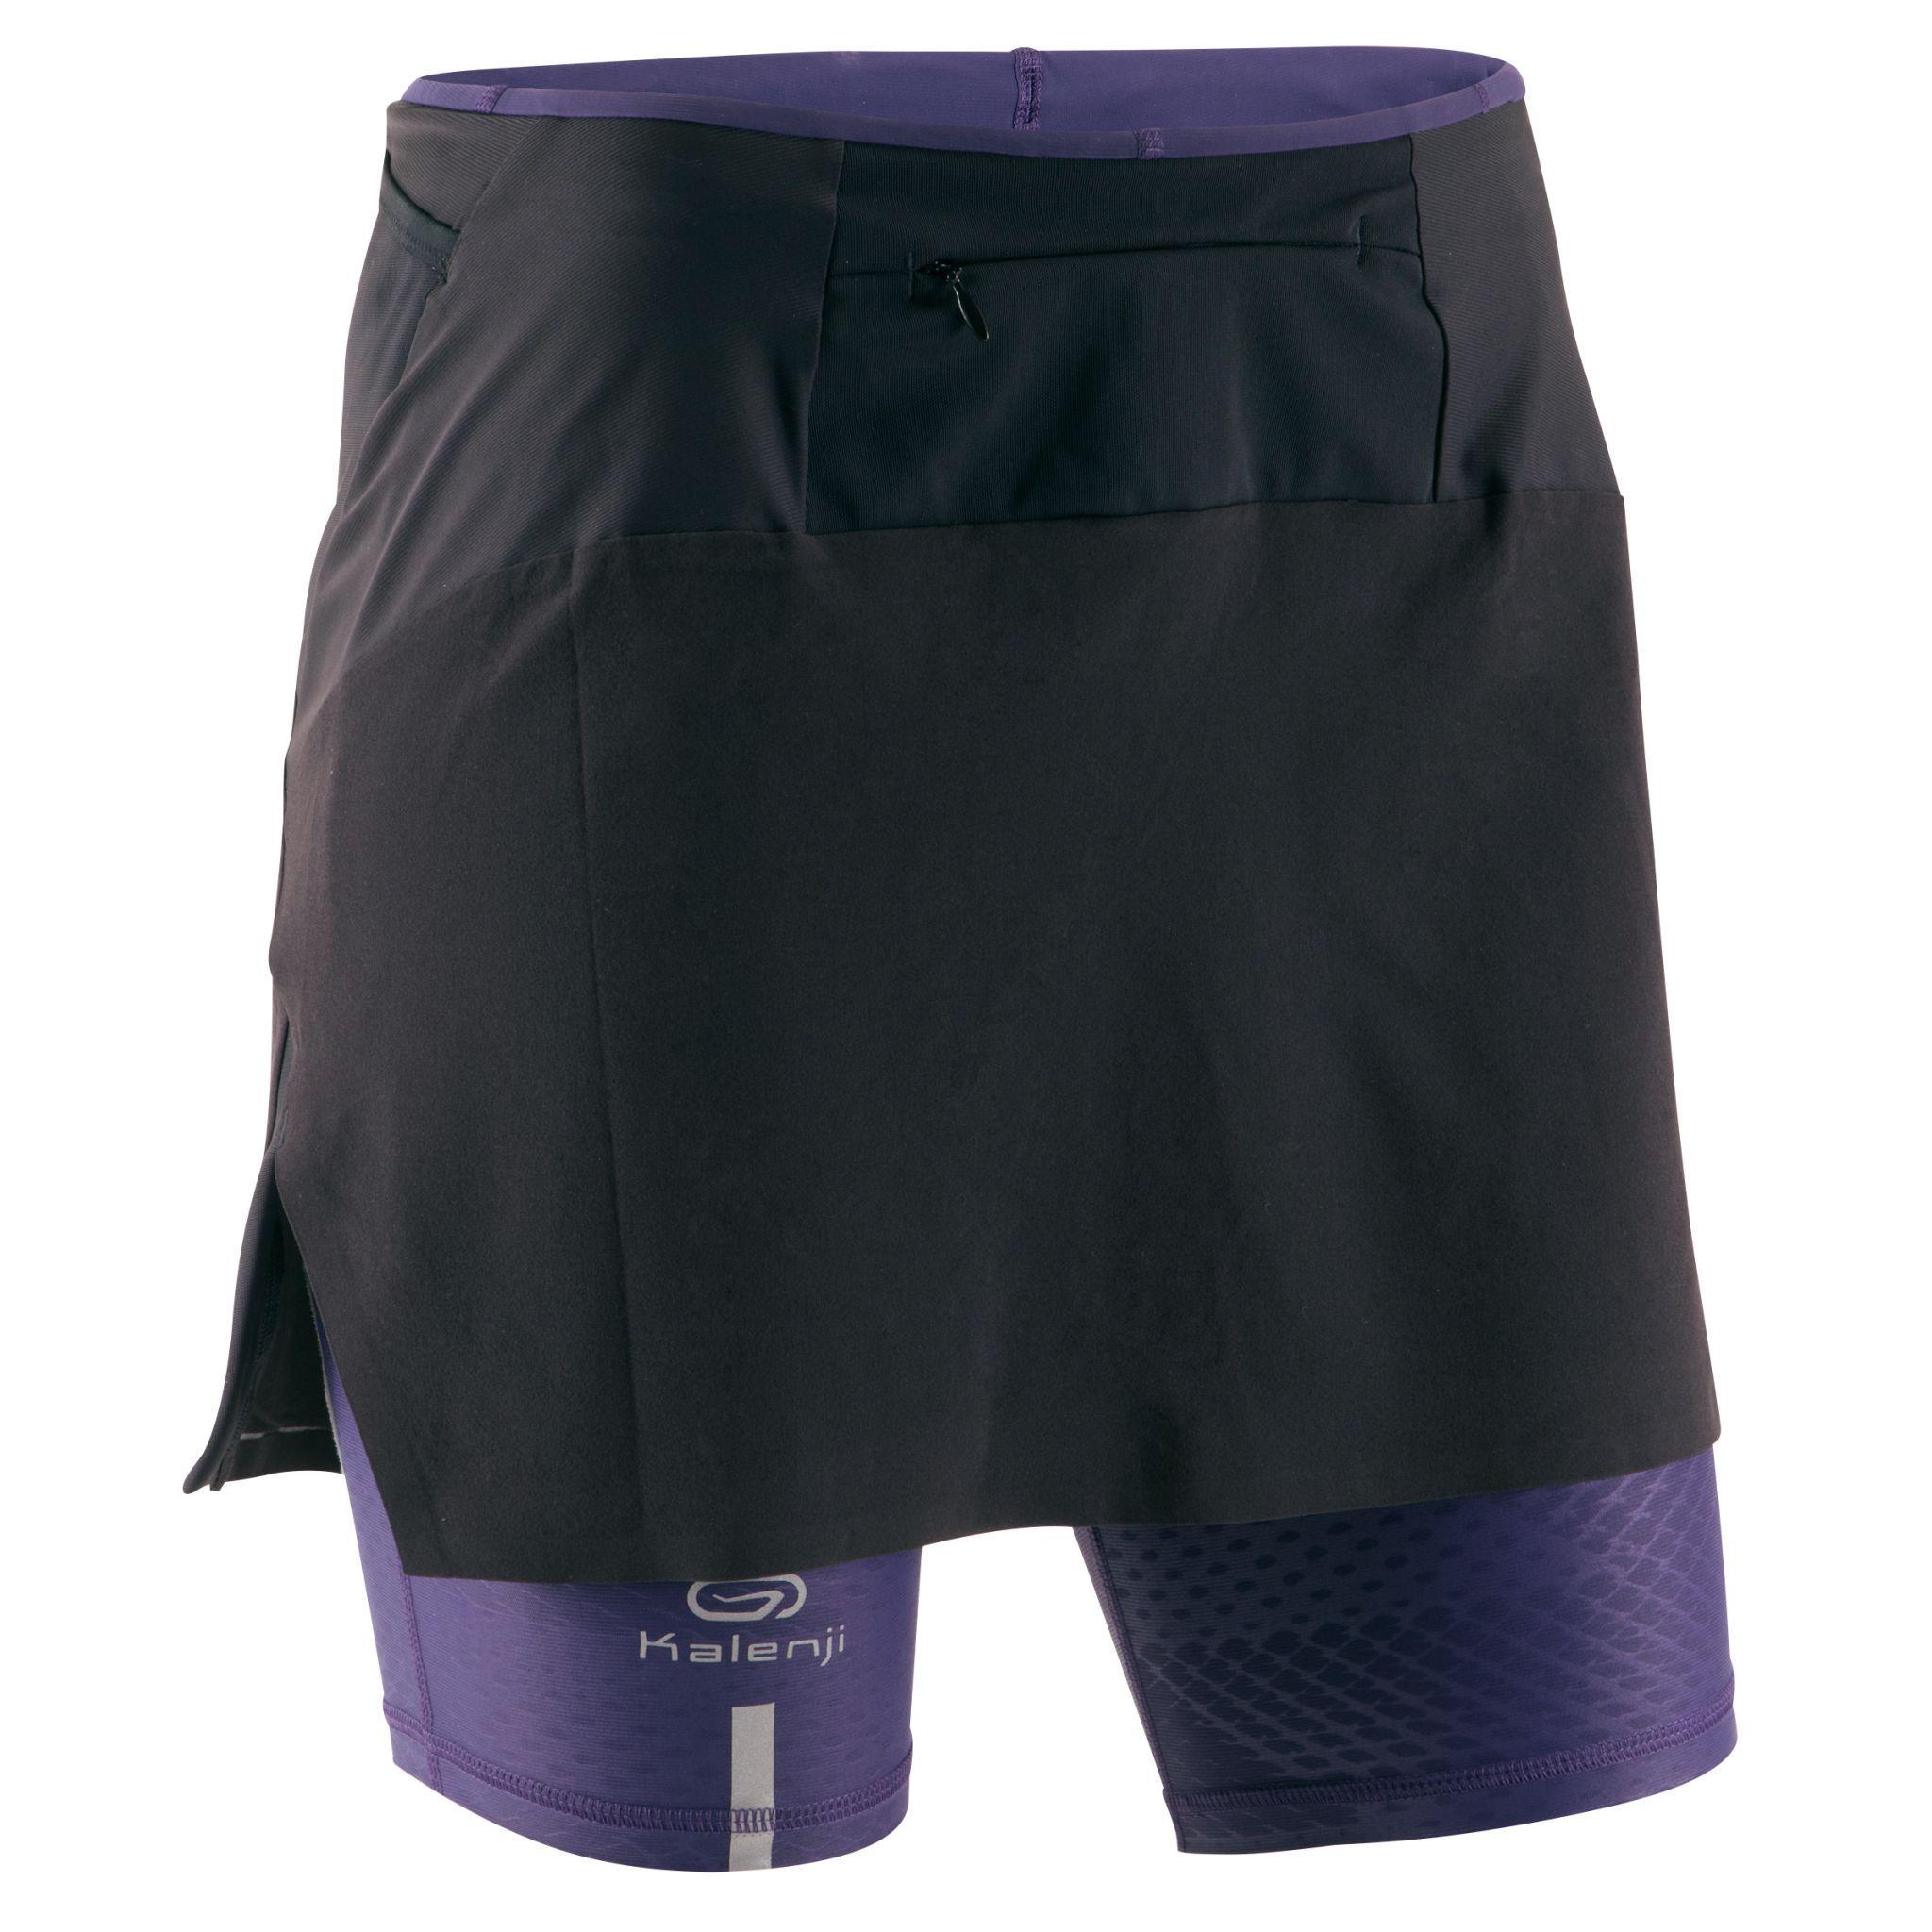 Jupe short femme decathlon - Vetement fitness et mode 3000a36a321